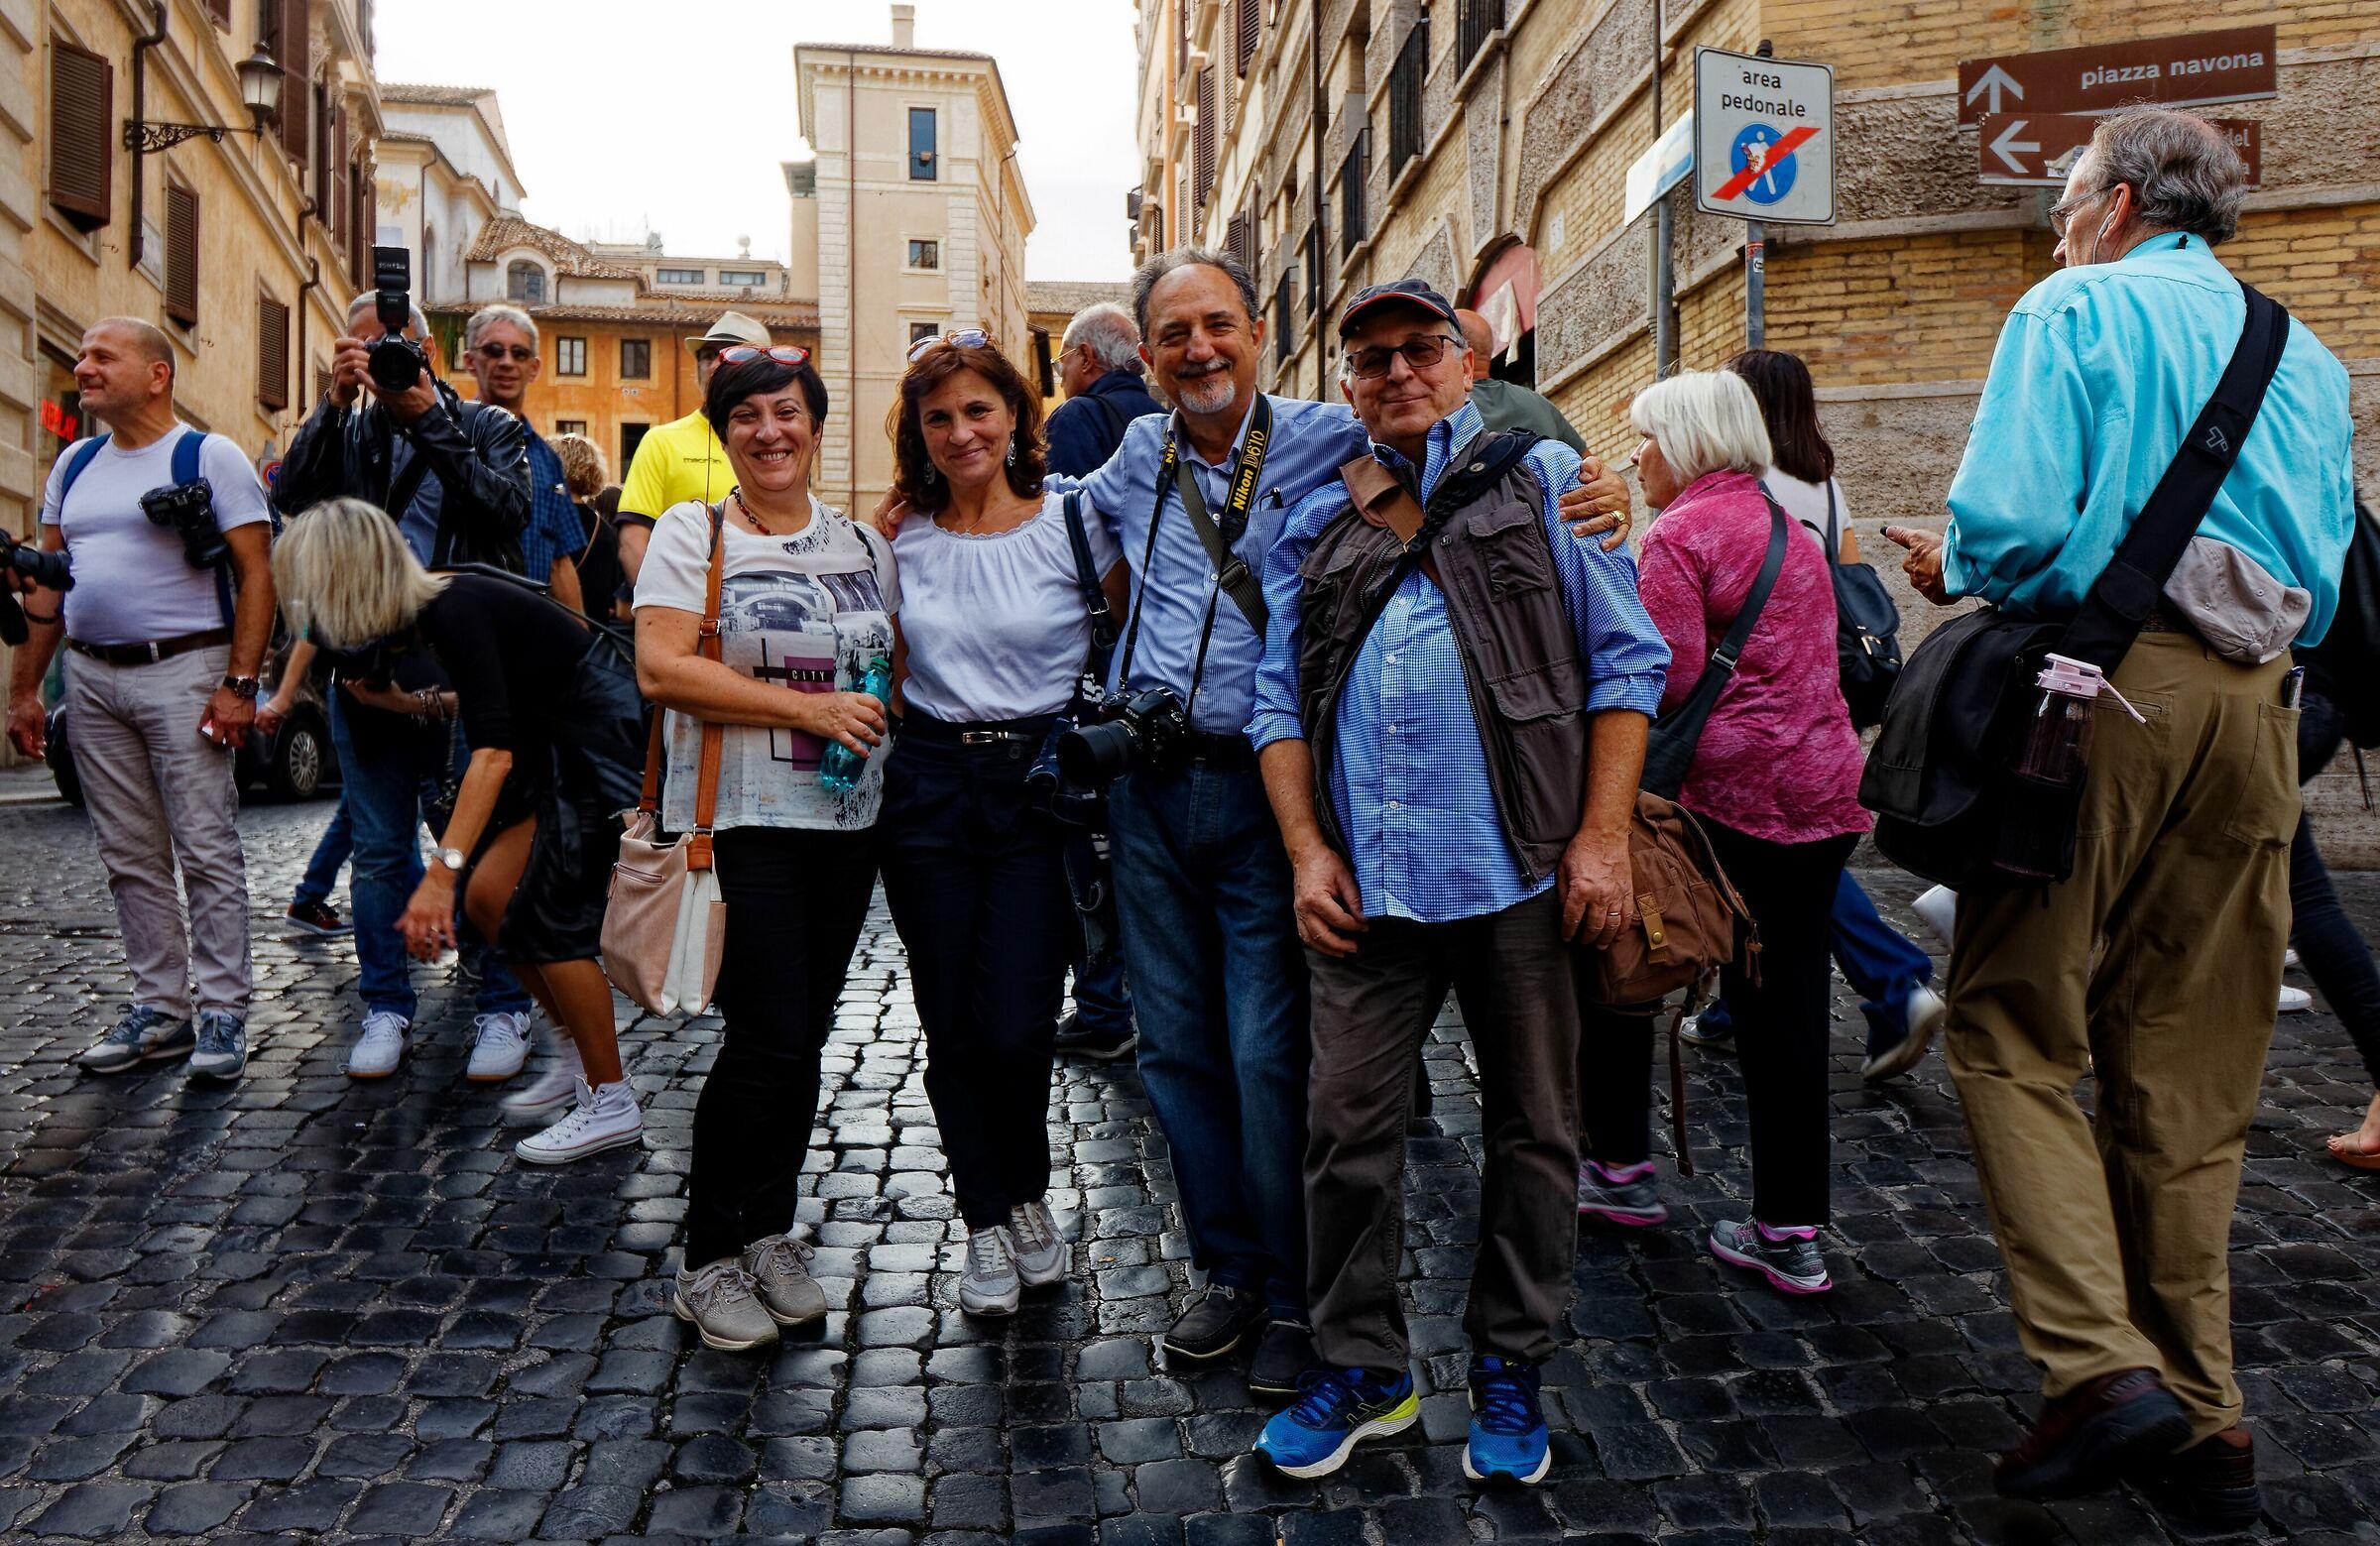 Photojournalists around Rome...